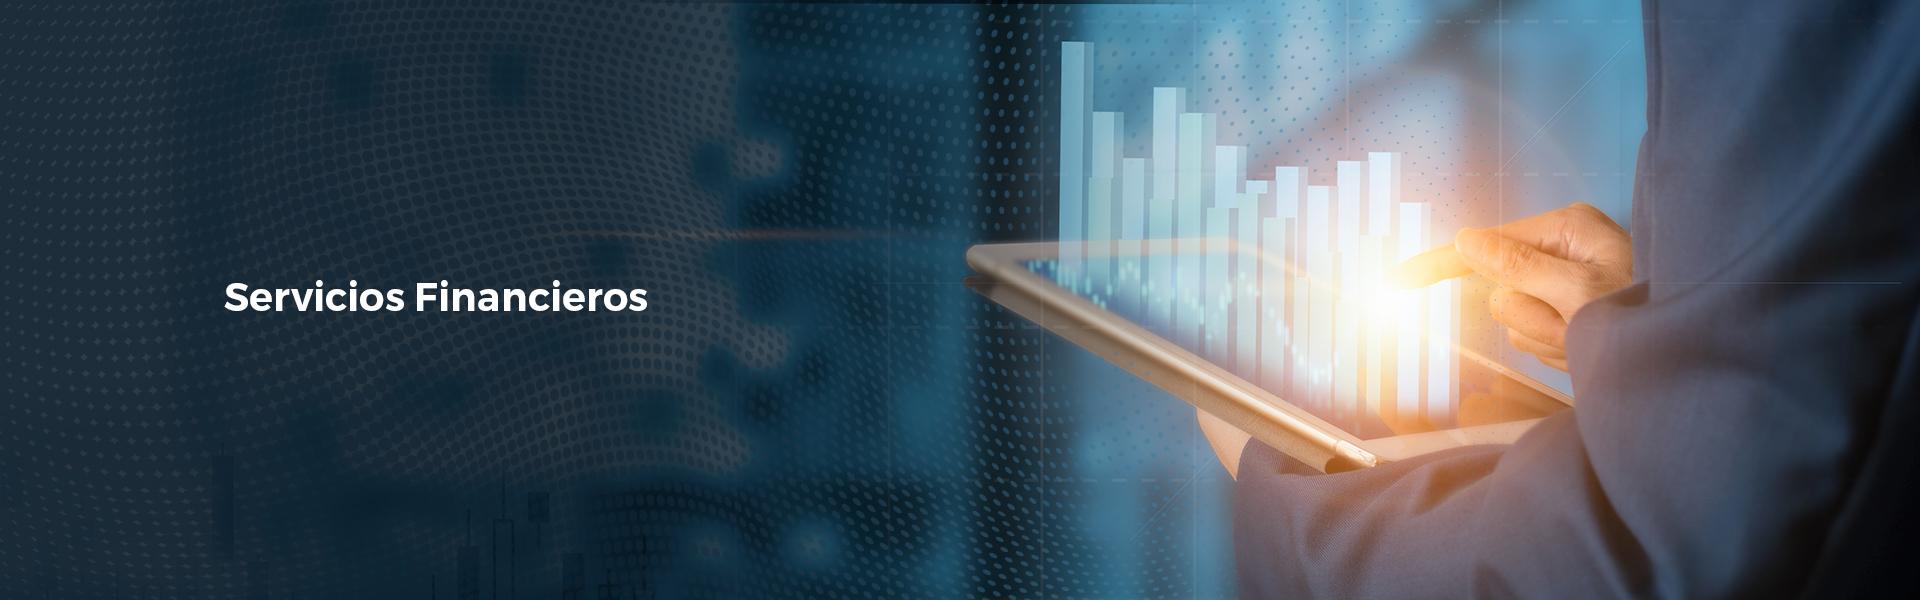 slide-servicios-financieros